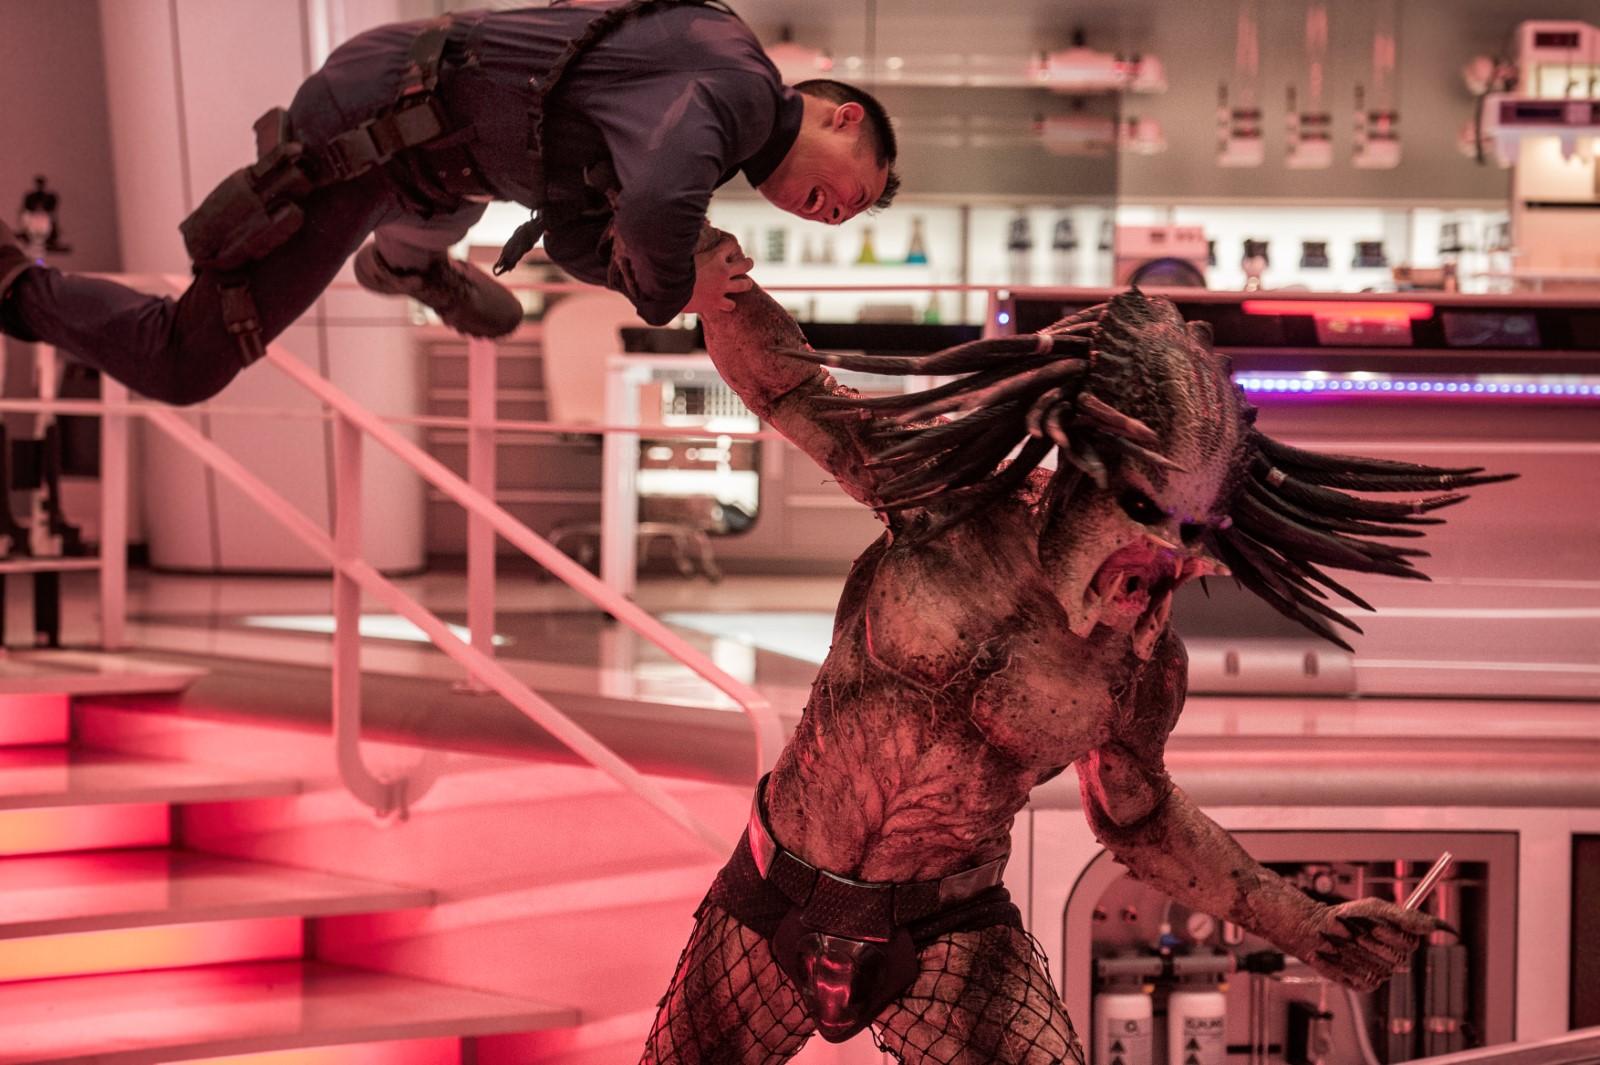 [Films] The Predator 4908697